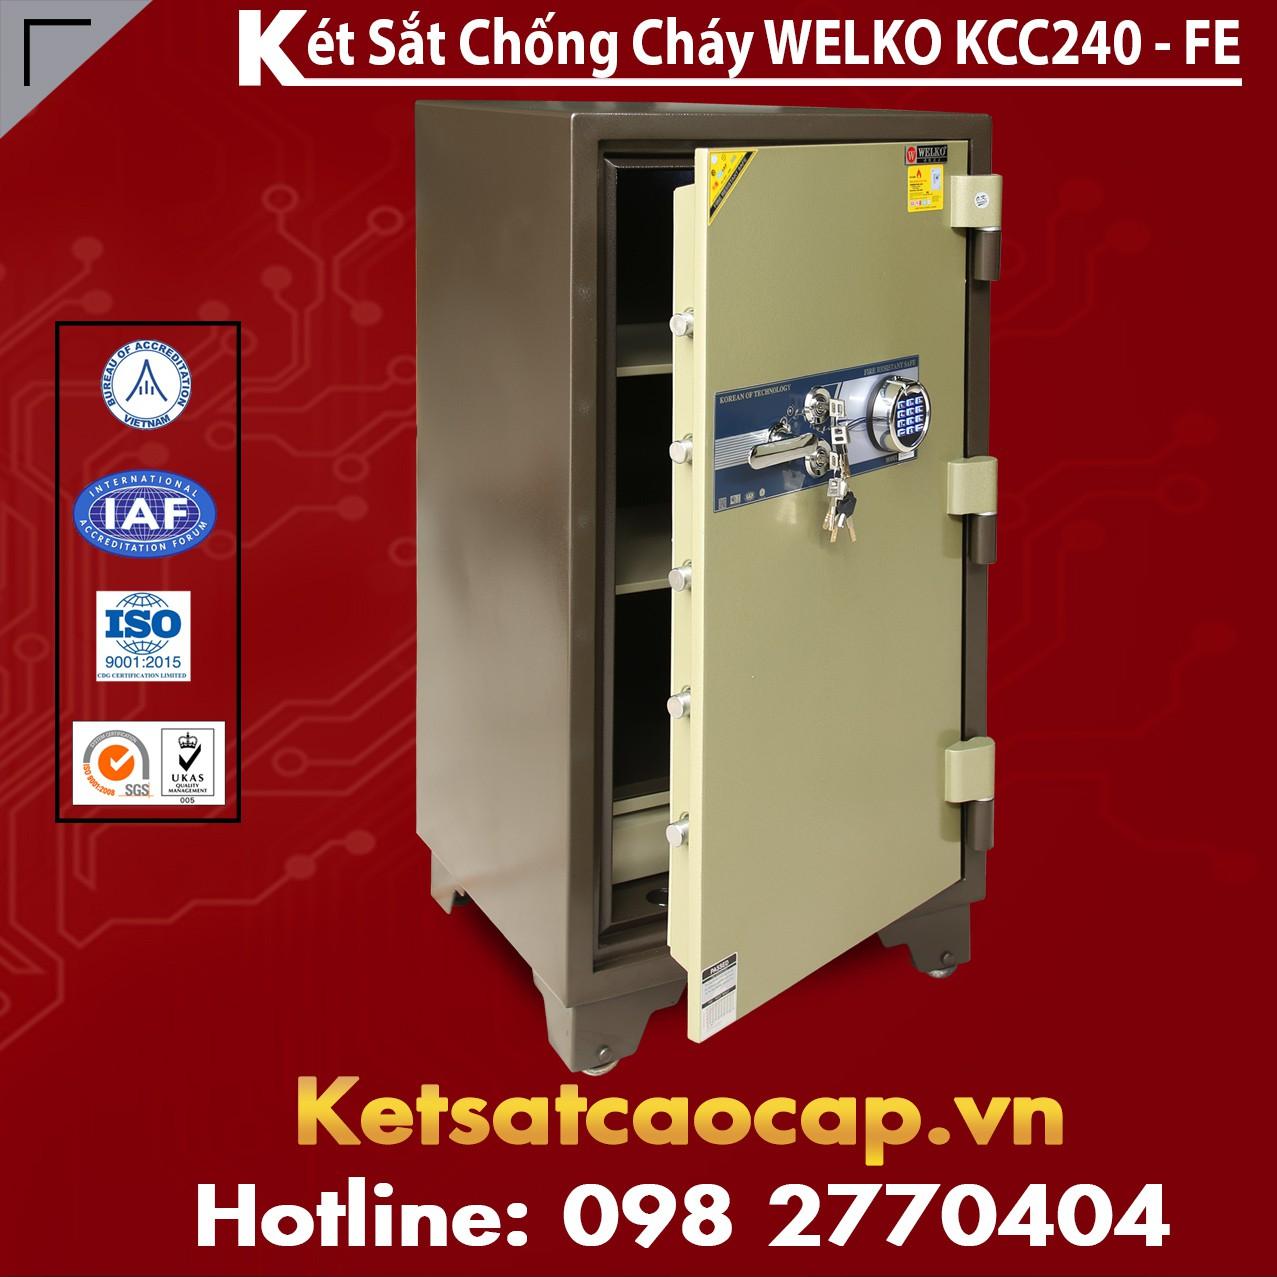 Két Sắt Welko KCC240 FE - Brown